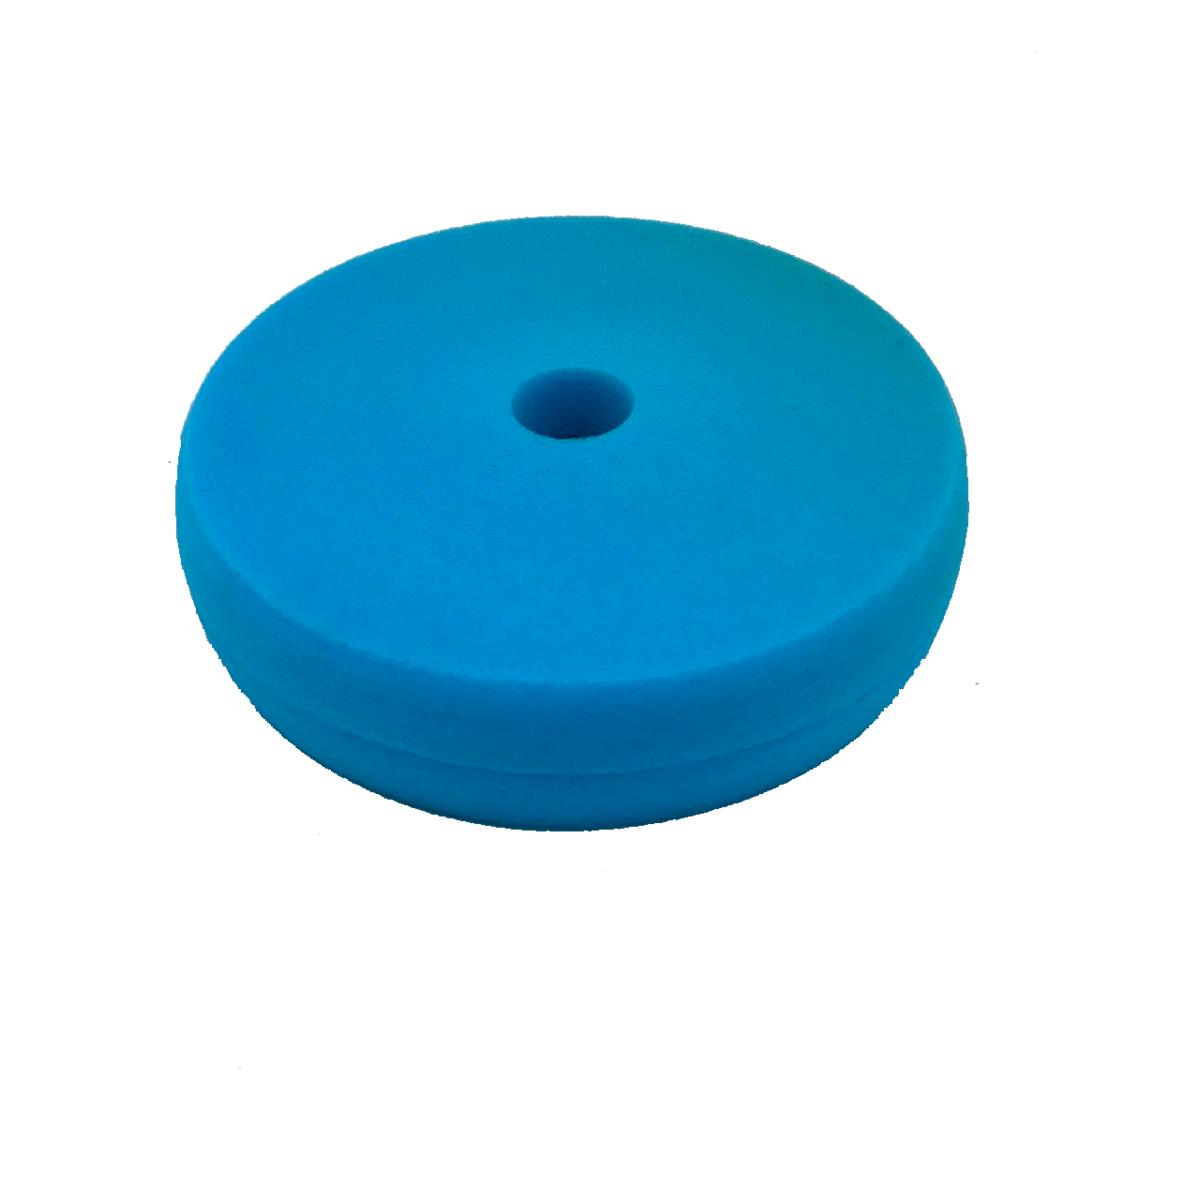 Boina de Espuma Azul Dupla Face 6 Refino/Lustro - Lincoln